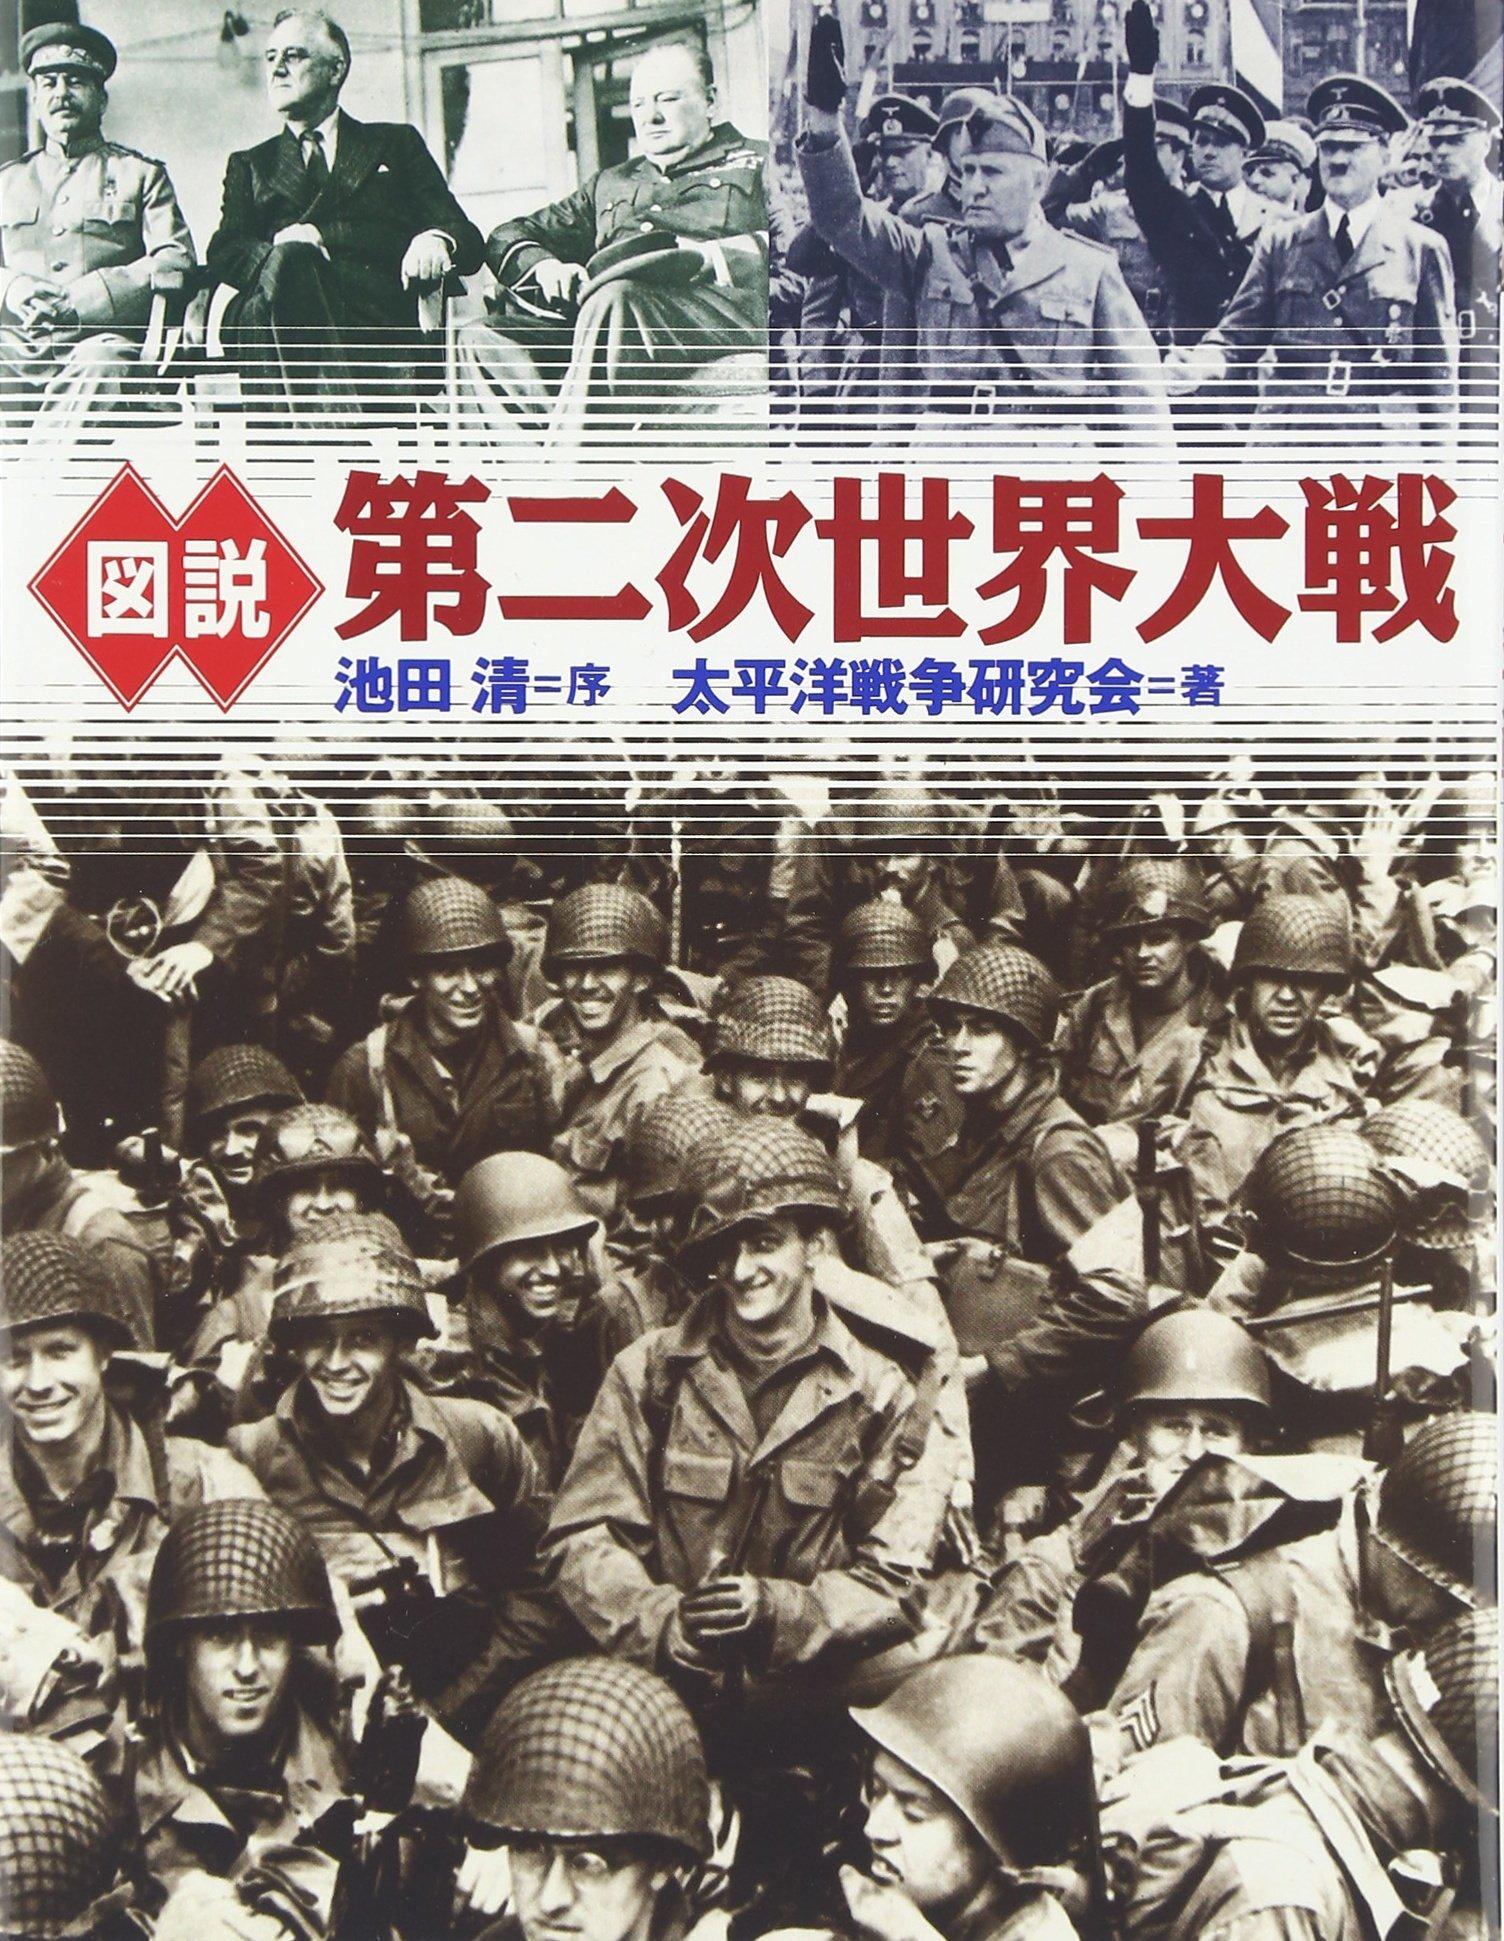 図説 第二次世界大戦 (ふくろうの本) | 太平洋戦争研究会 |本 | 通販 ...